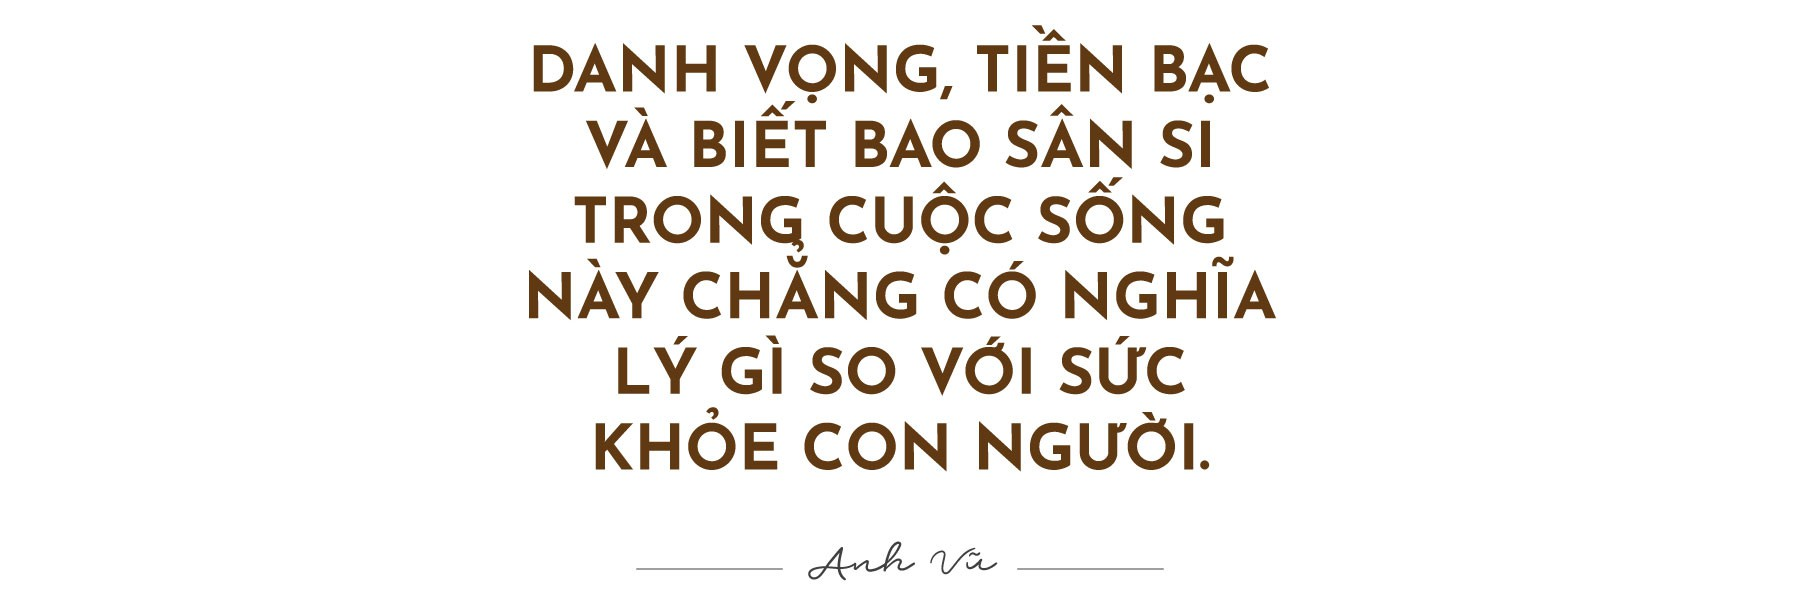 [eMagazine] - Lời gan ruột của nghệ sĩ hài Anh Vũ trước khi đột ngột qua đời ở Mỹ - Ảnh 11.